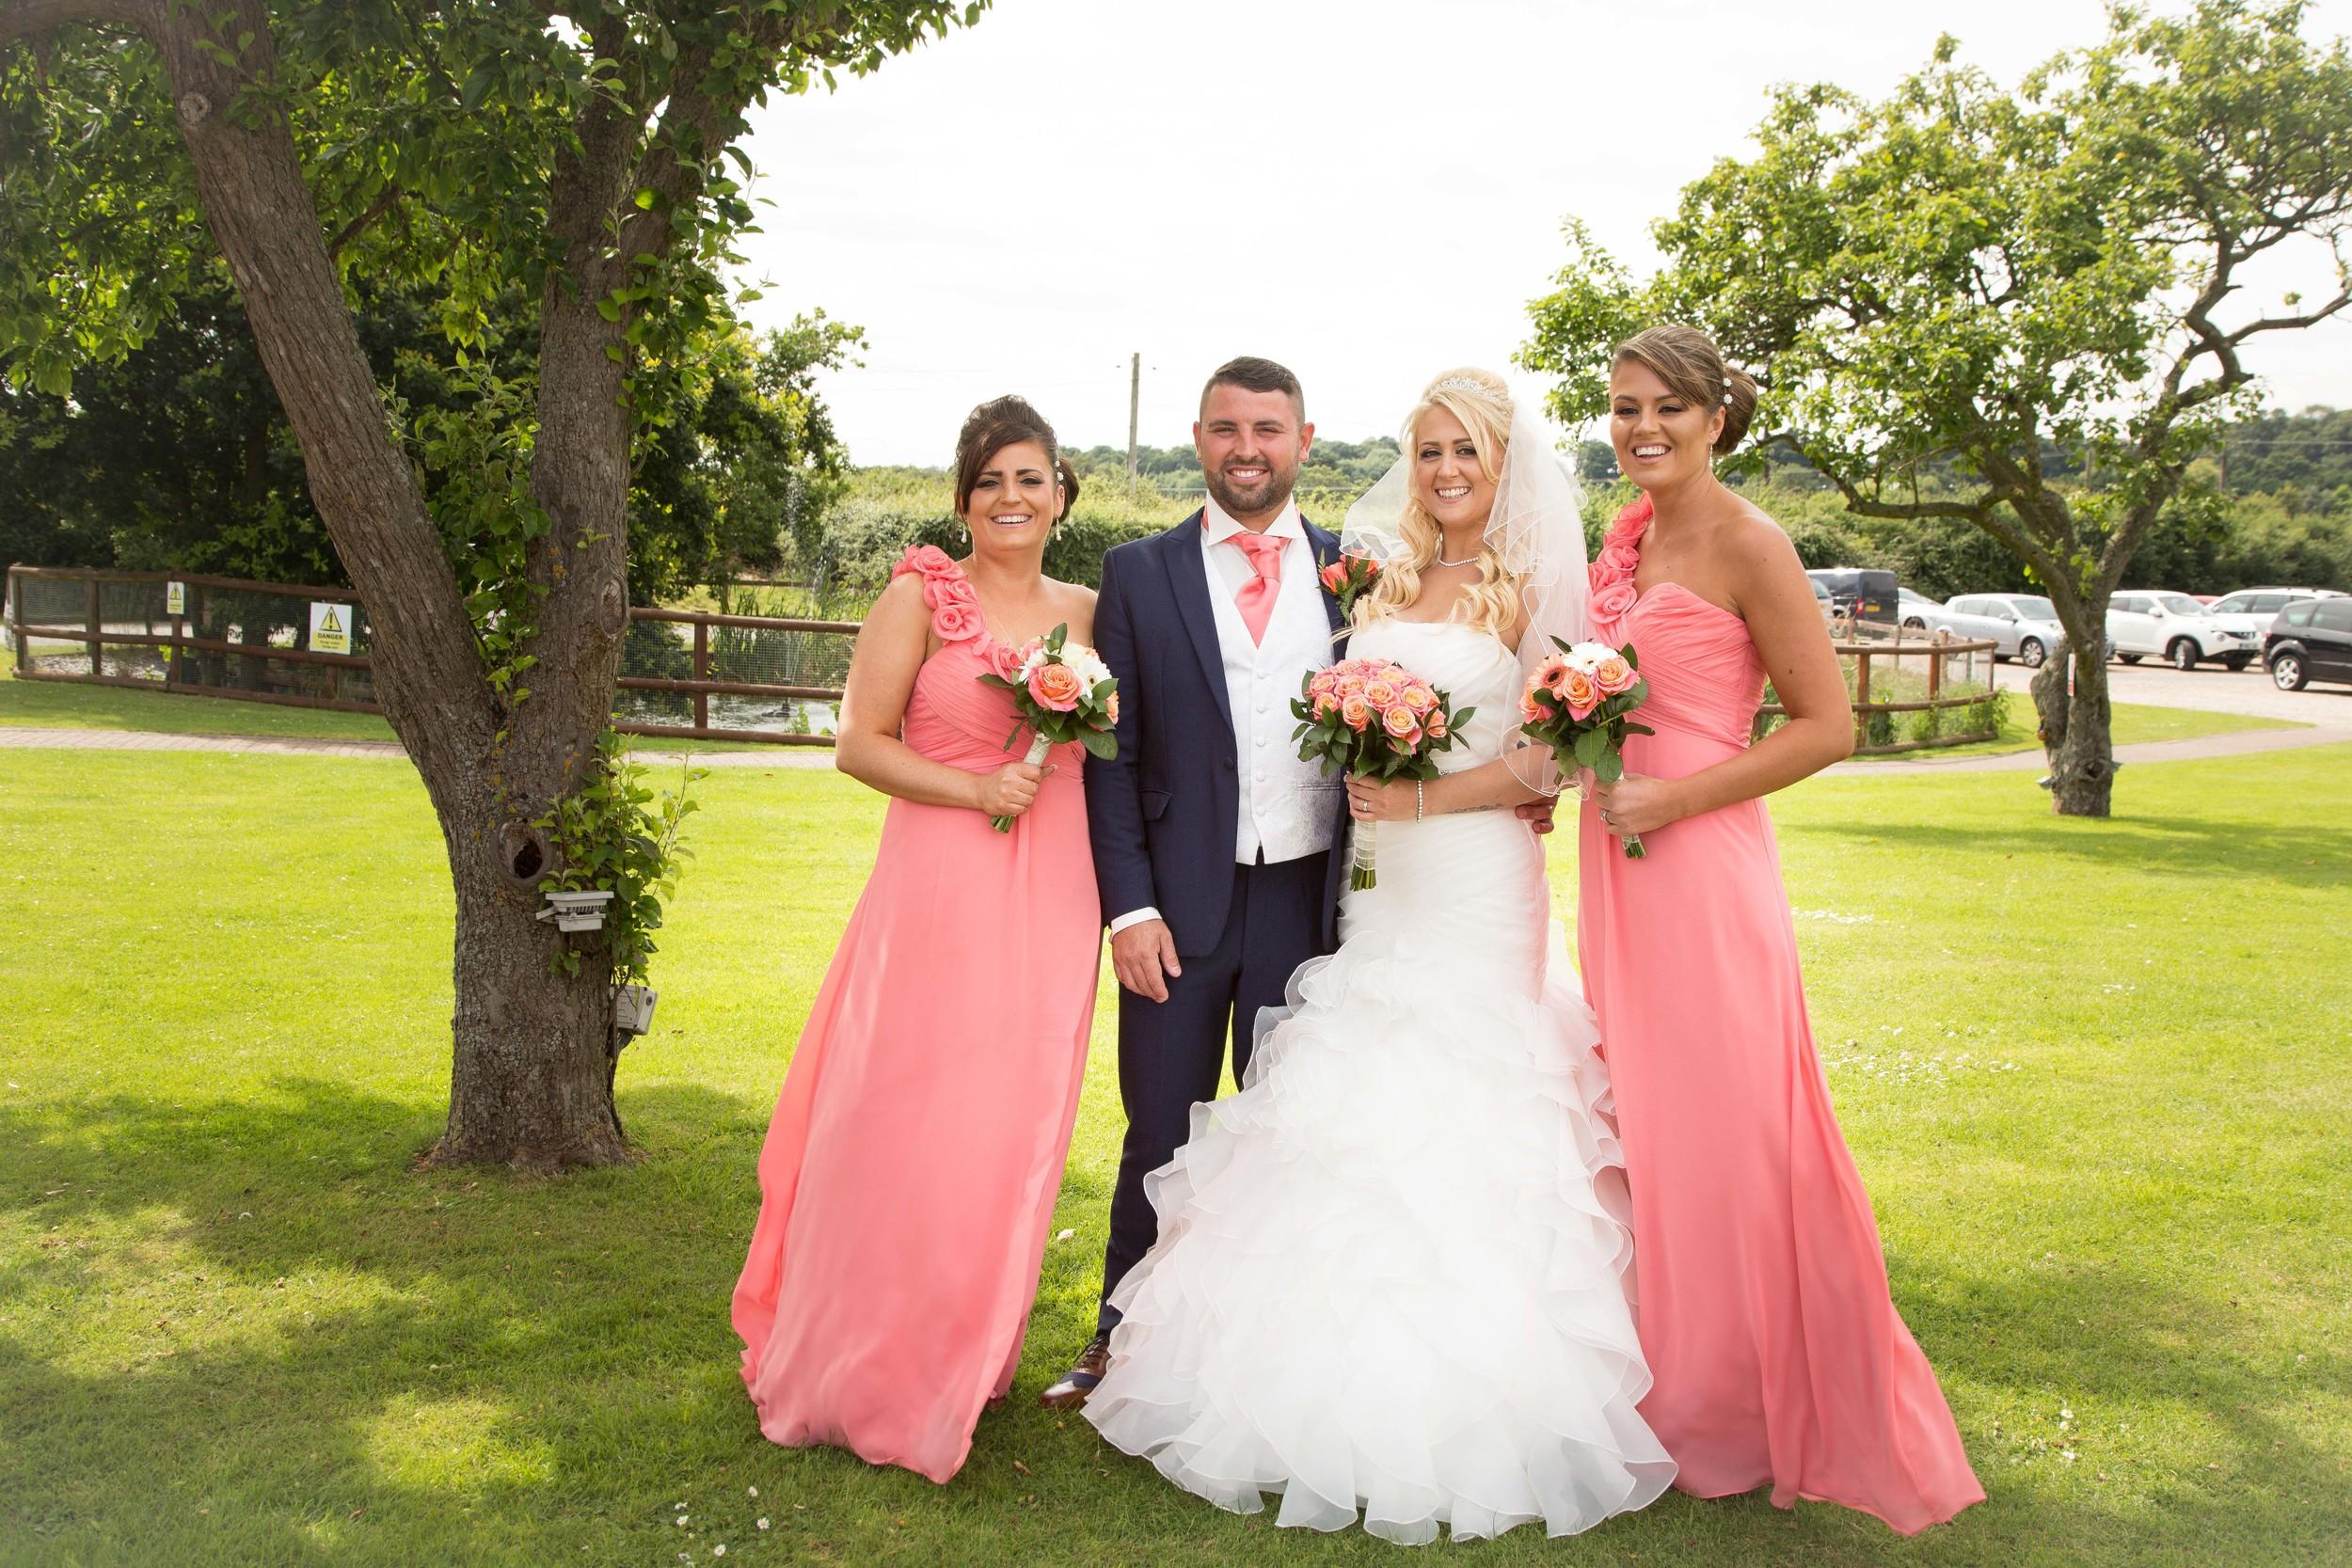 Essex-countryside-wedding-summer-formal